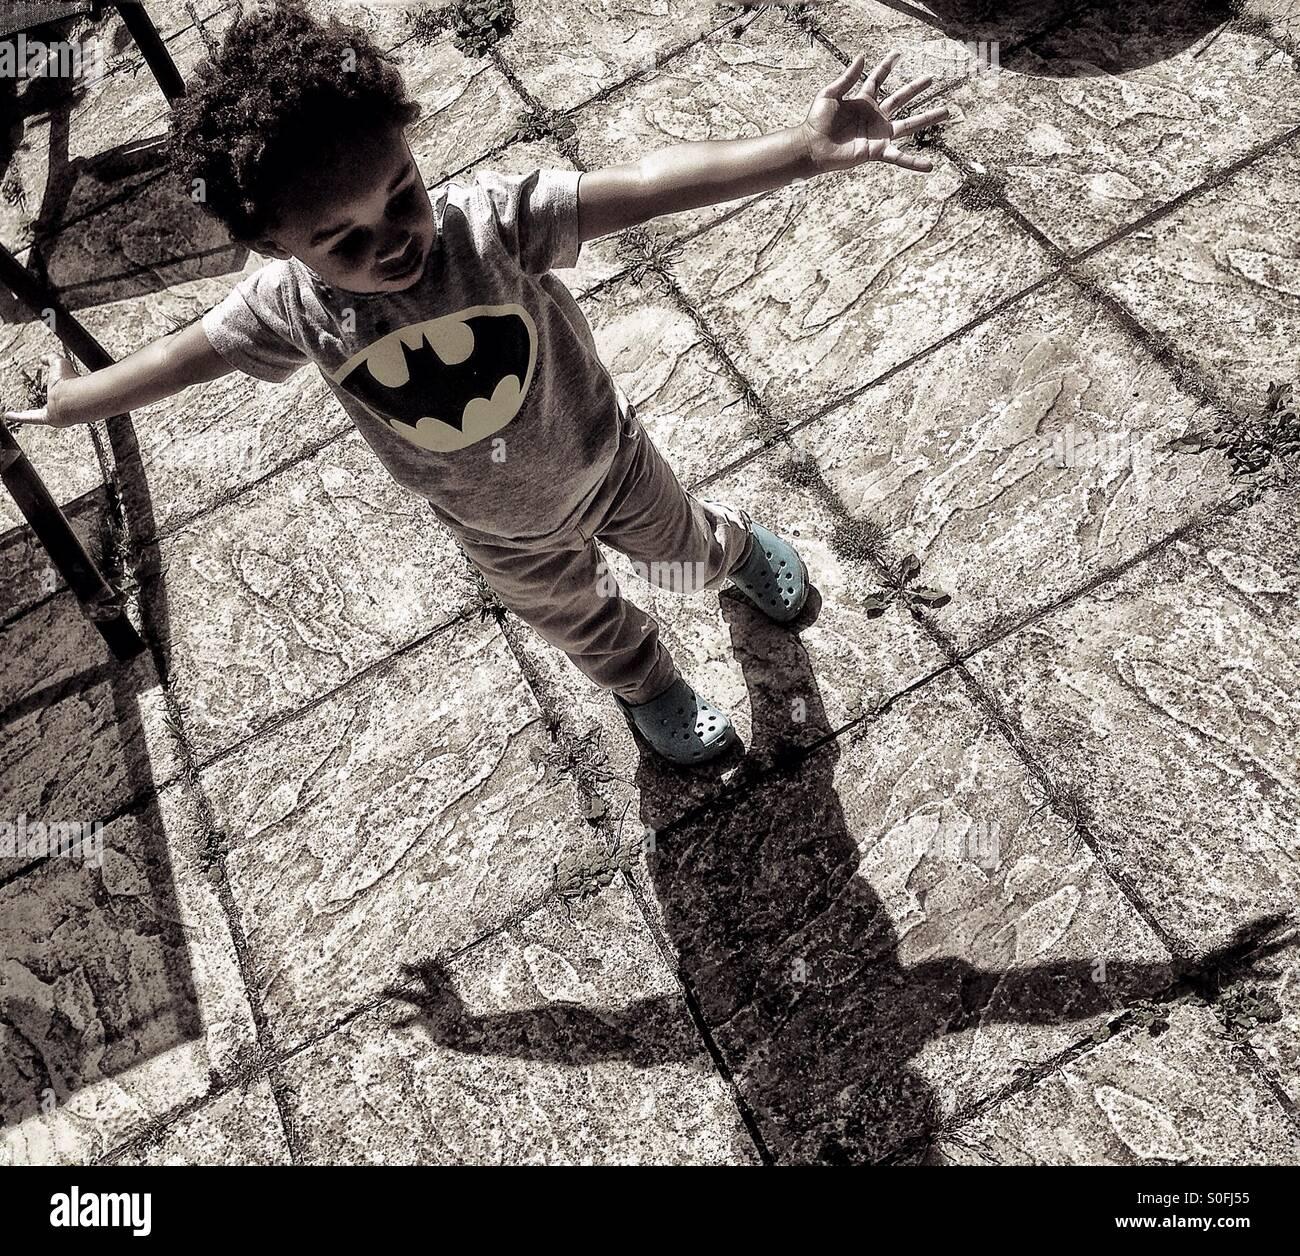 Ein kleiner Junge und sein Schatten. Stockfoto